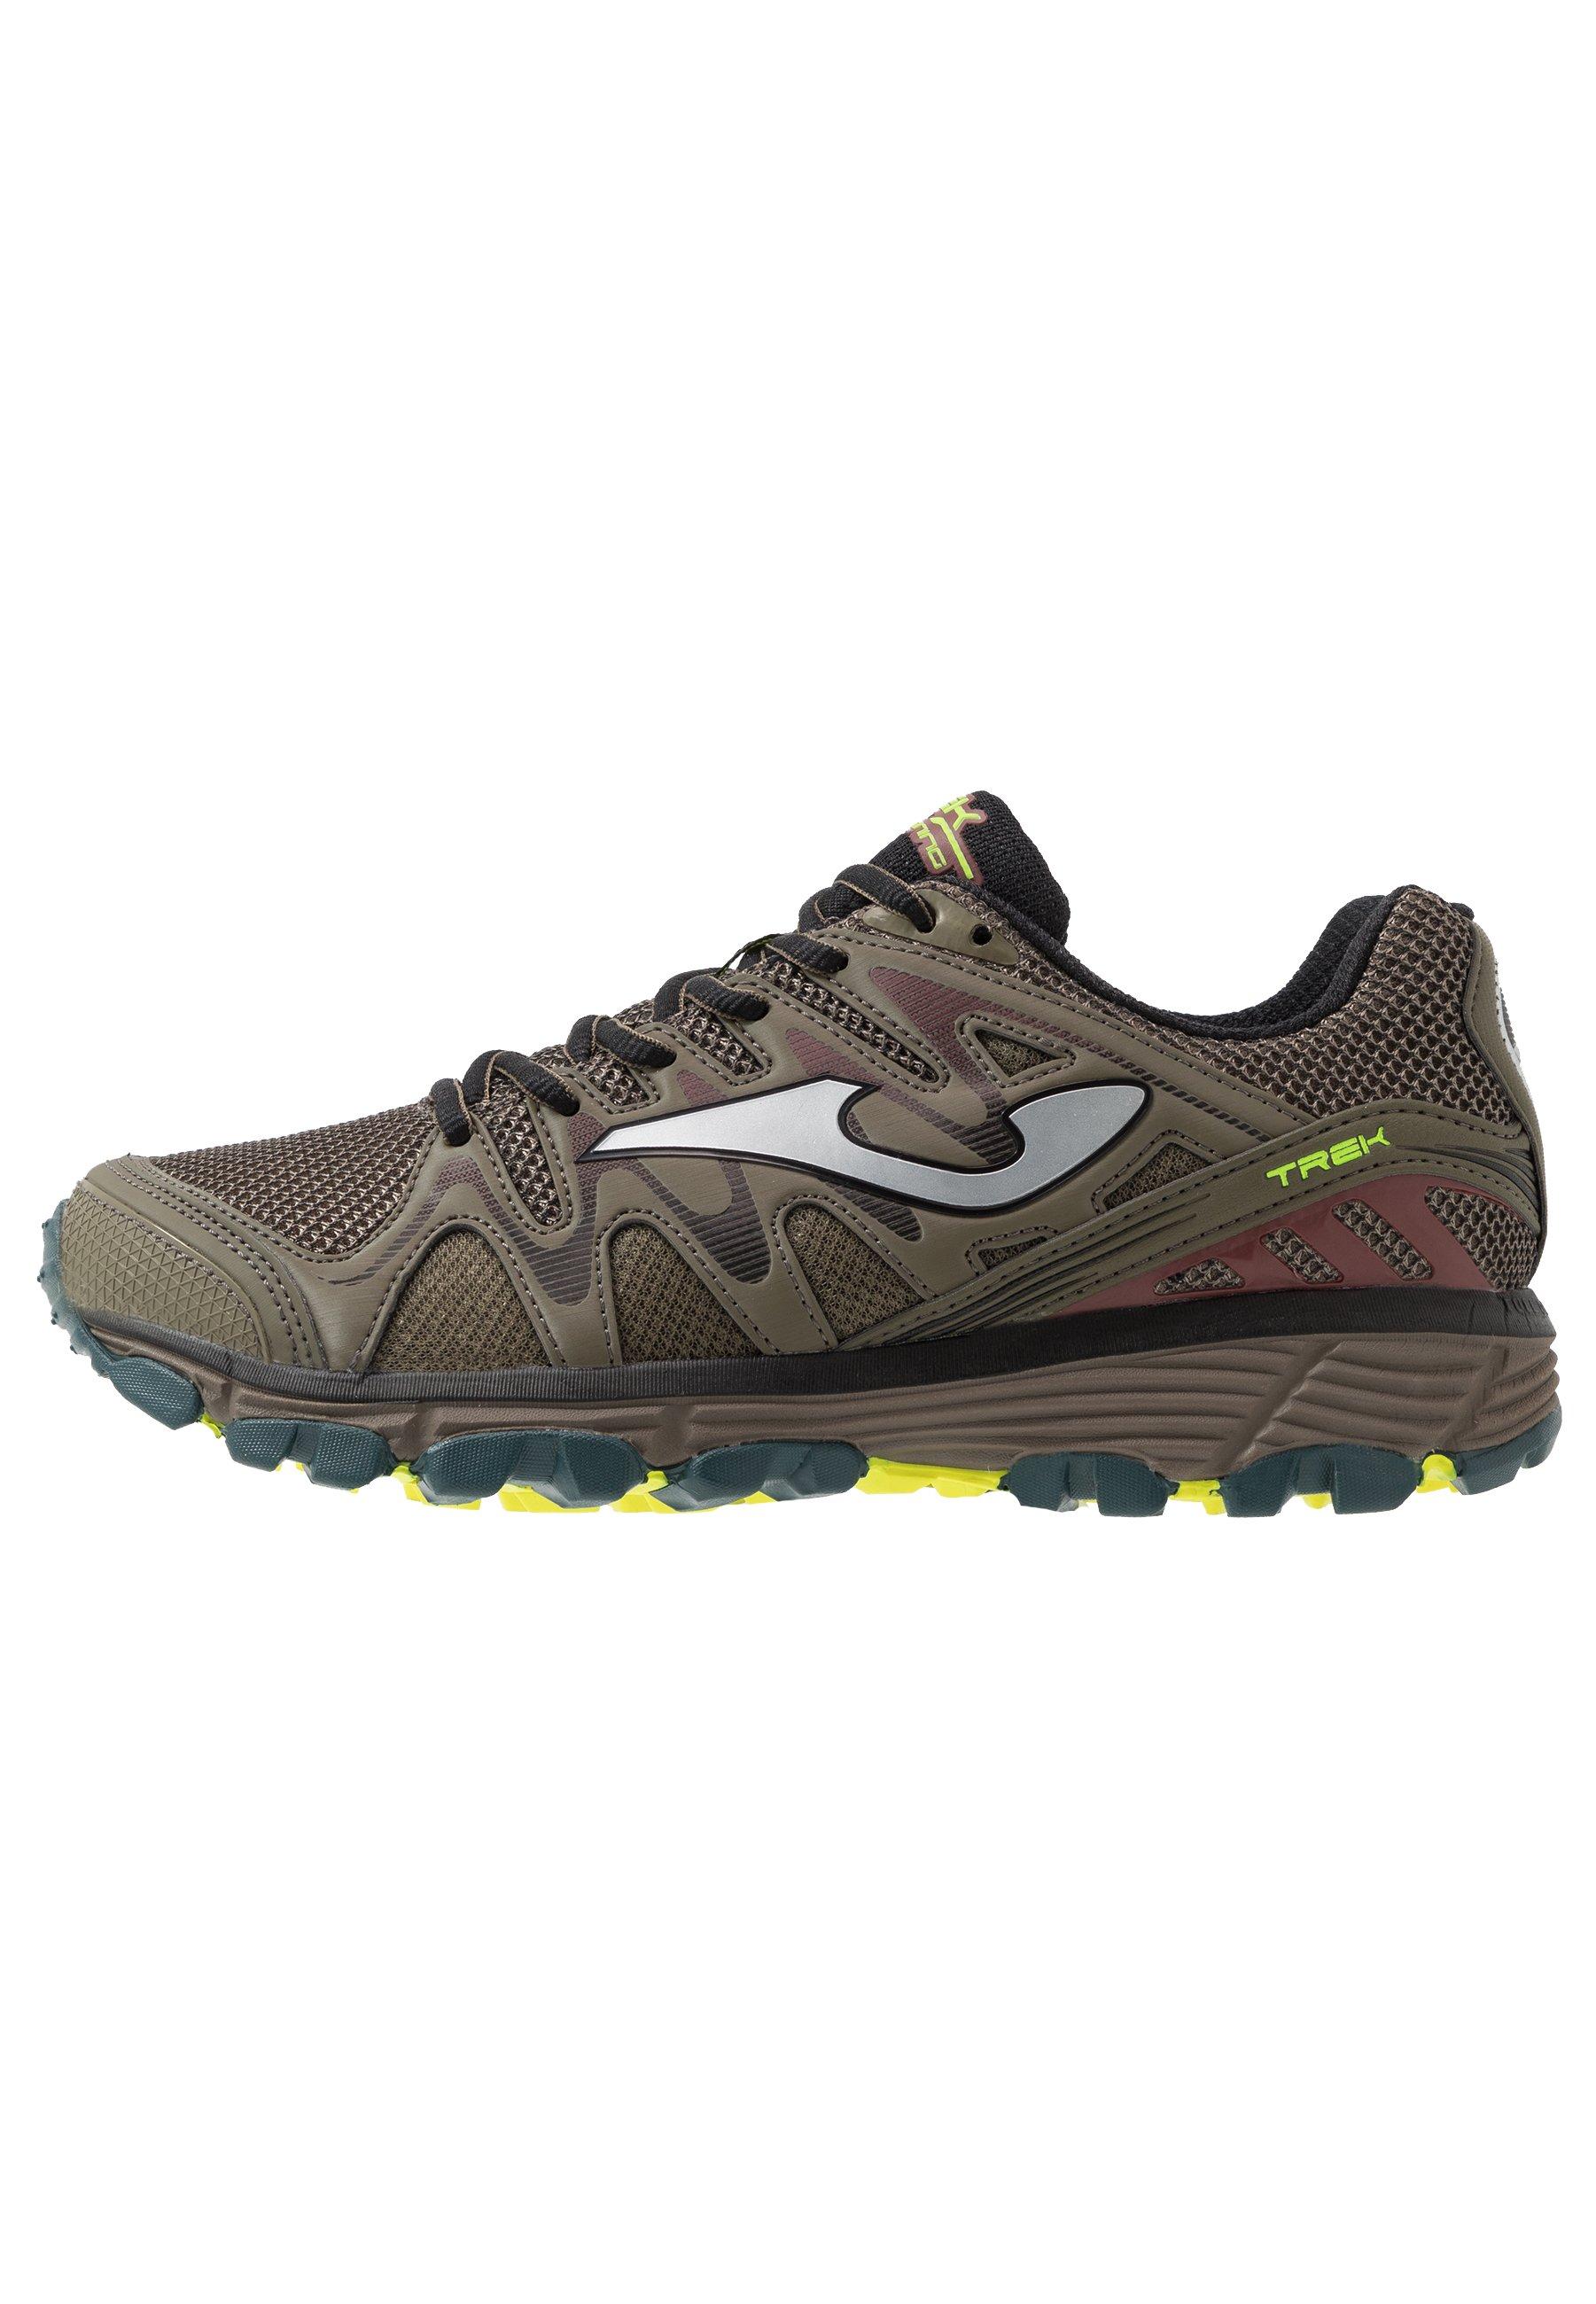 joma calzado trail running iii